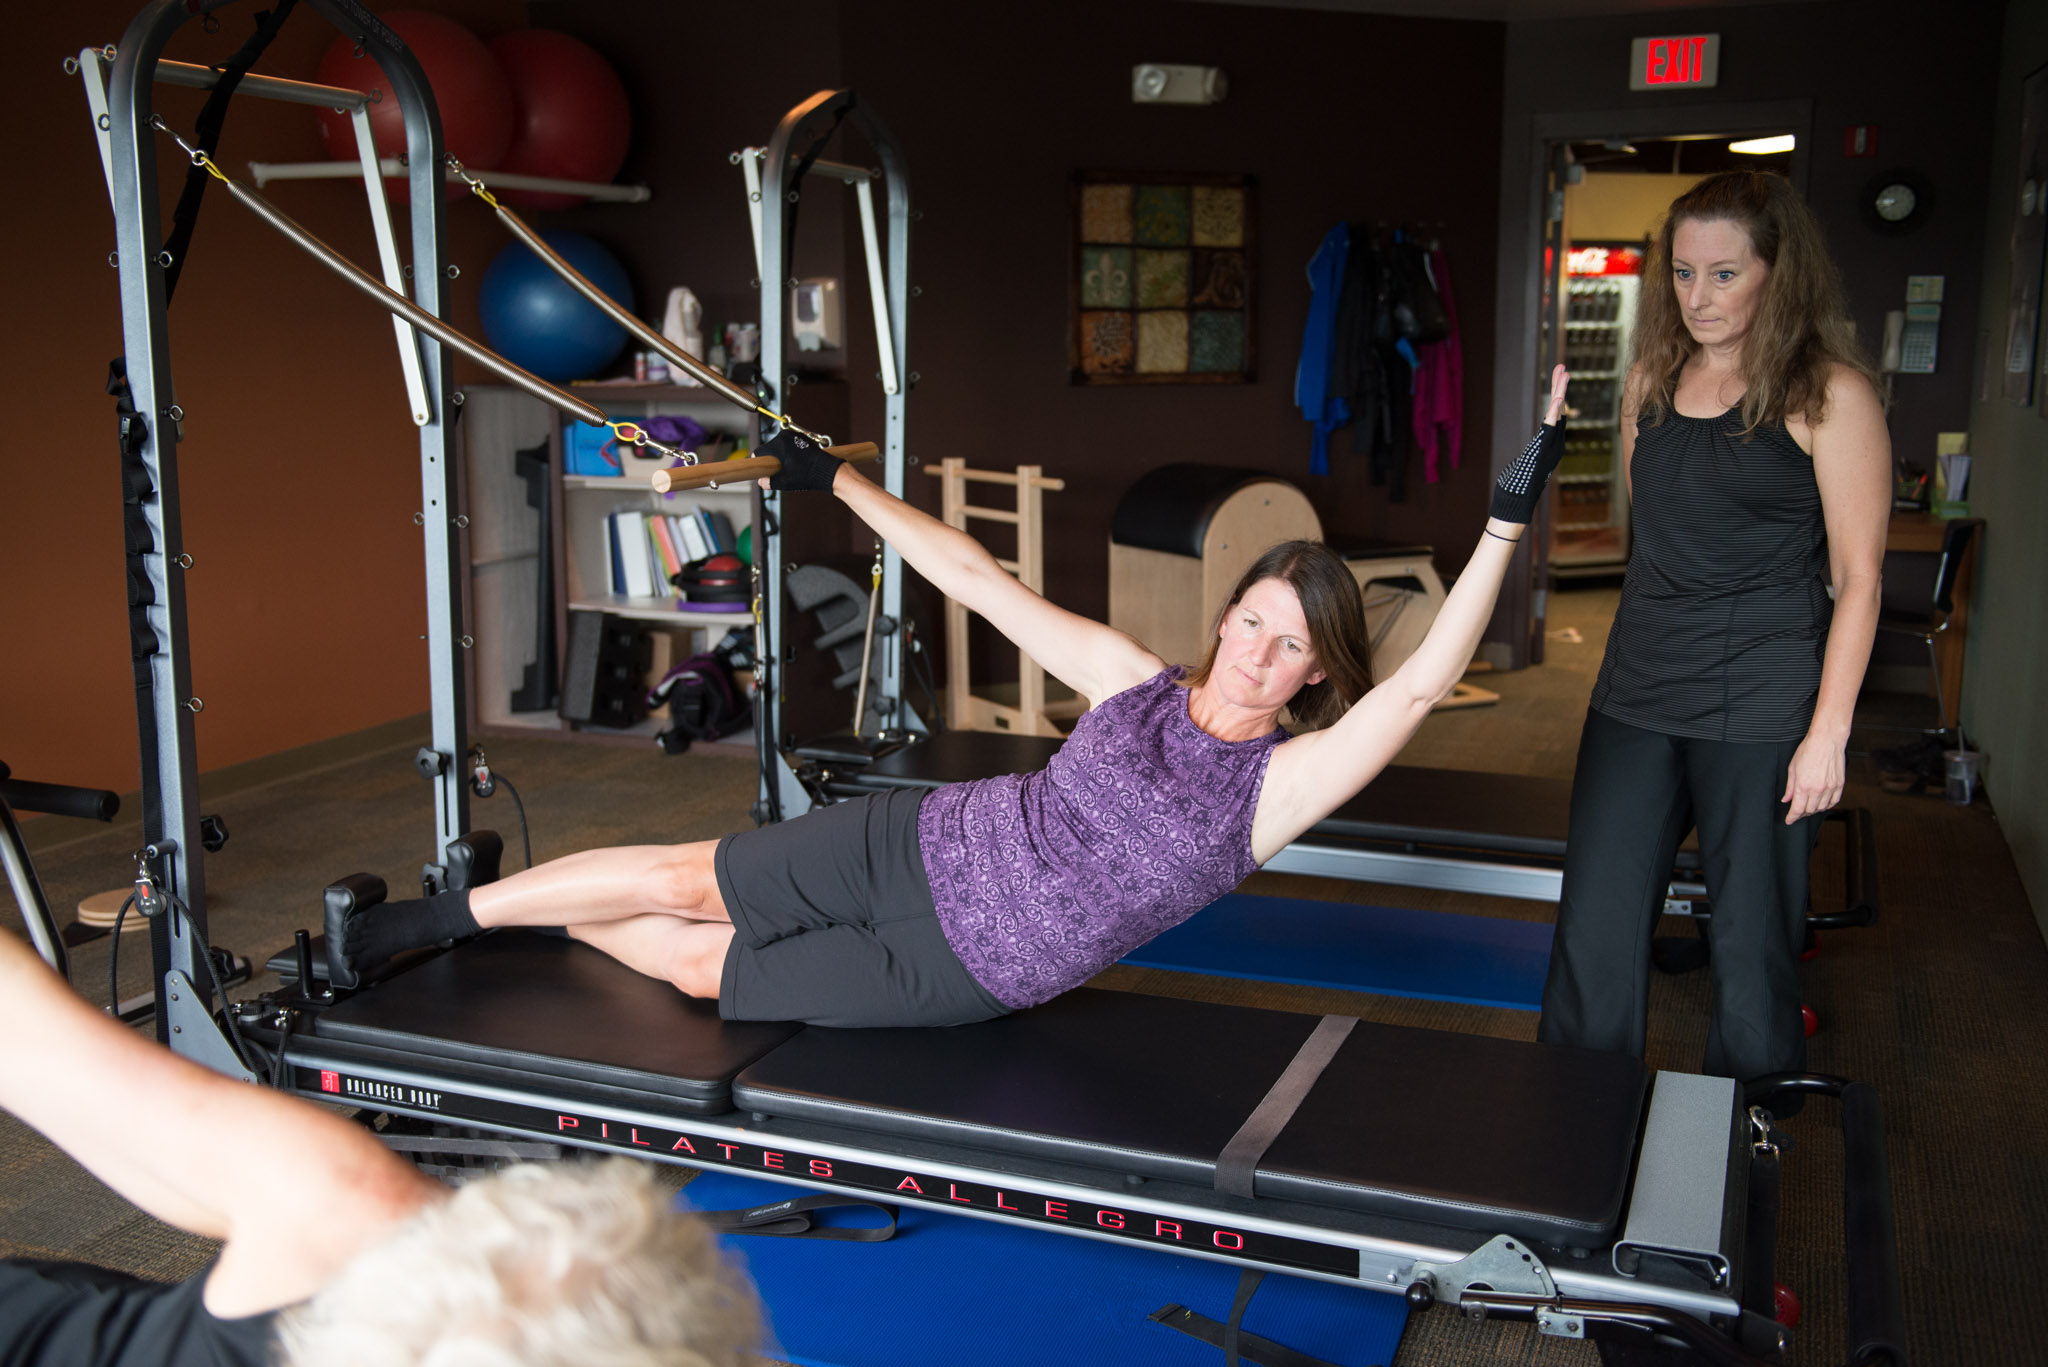 Wellness Center Stock Photos-1443.jpg